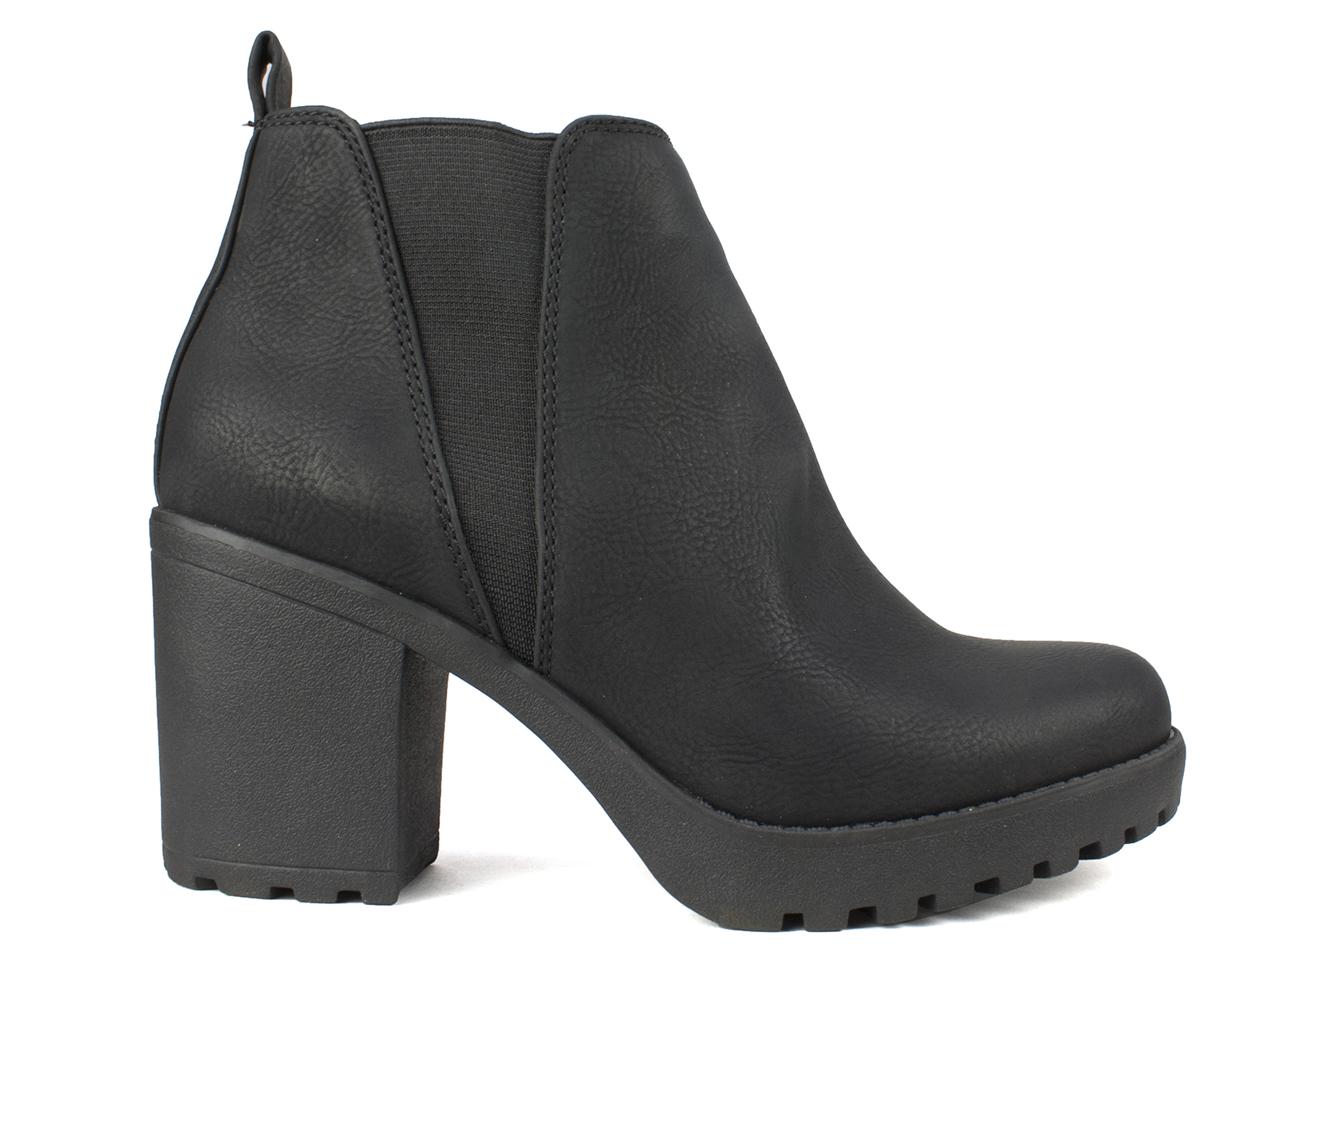 Seven Dials Pelton Women's Boot (Black Faux Leather)